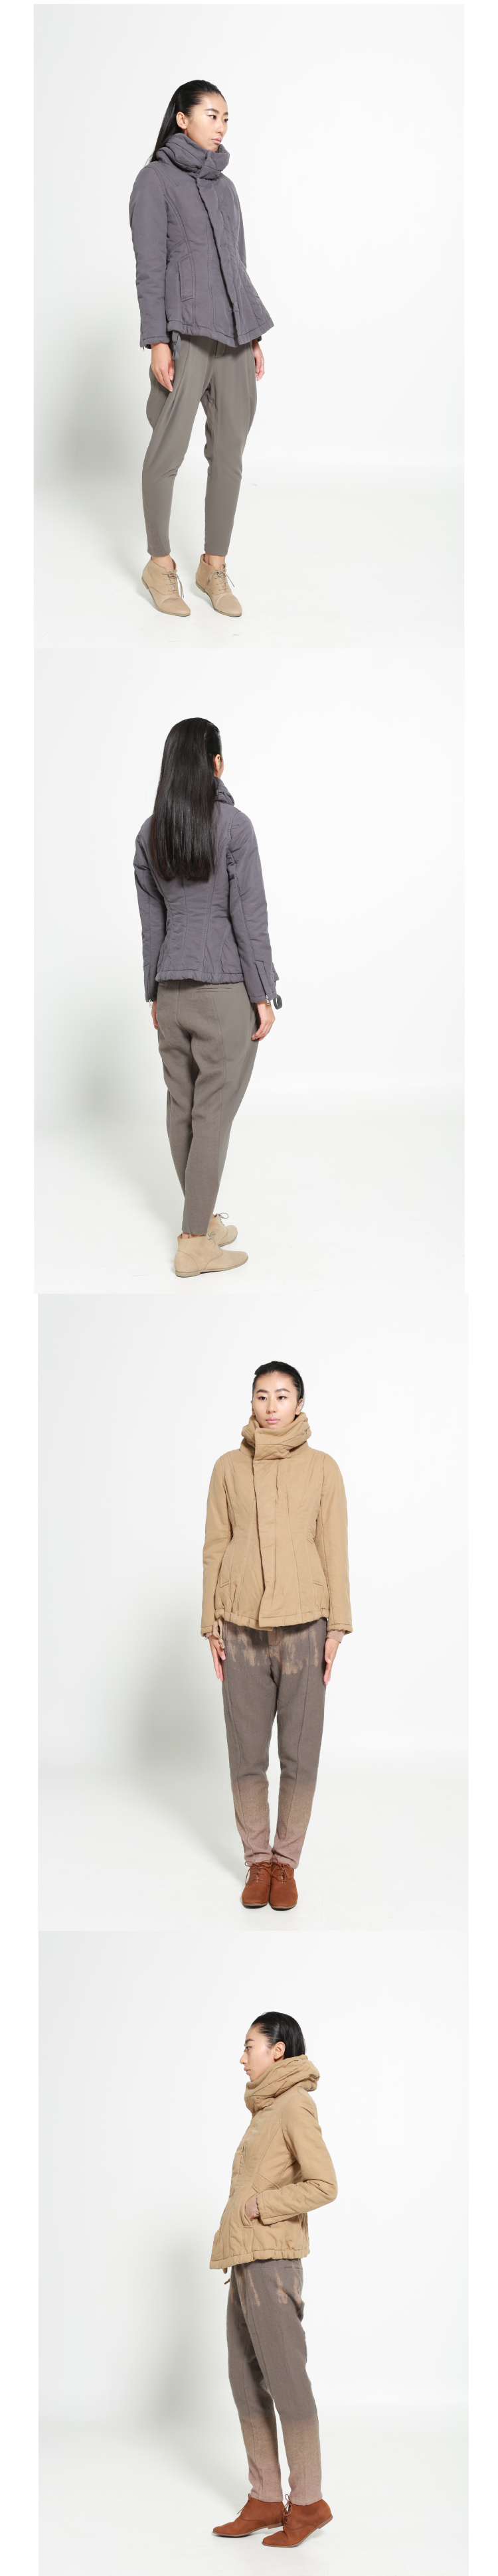 jnby江南布衣别致女性化棉衣